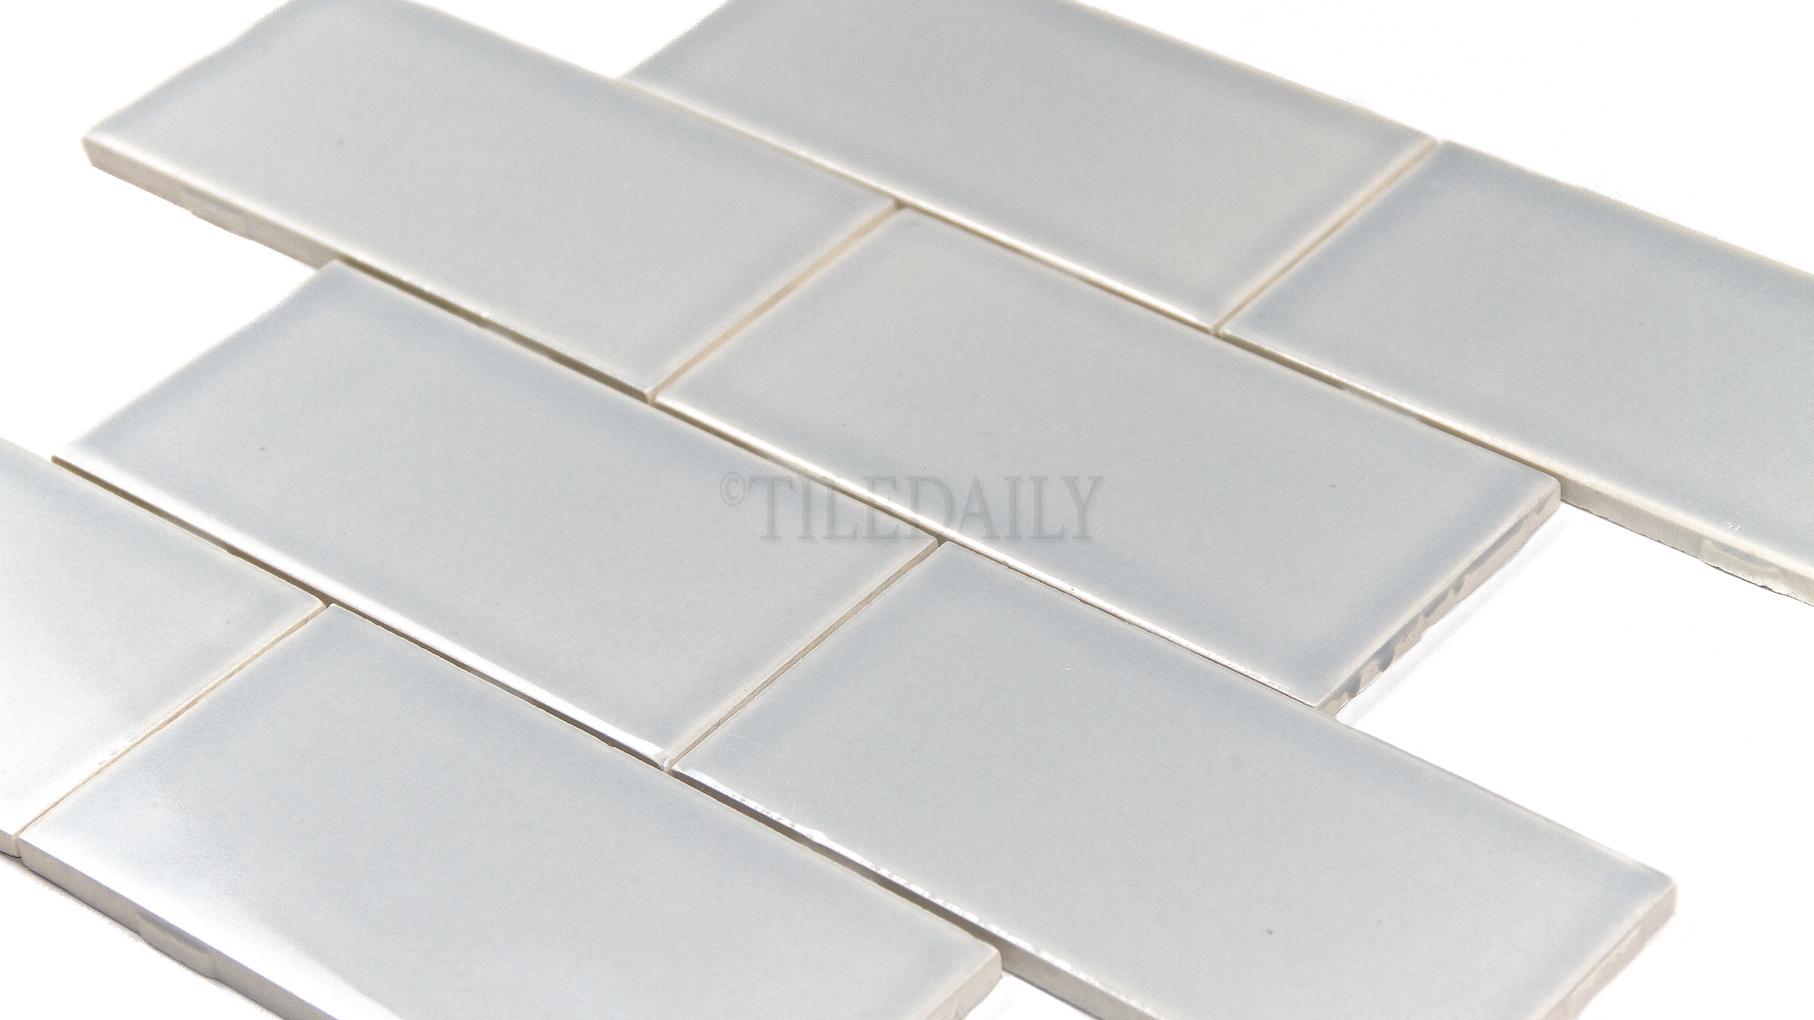 p0034ib 3x6 ceramic subway tile ice blue